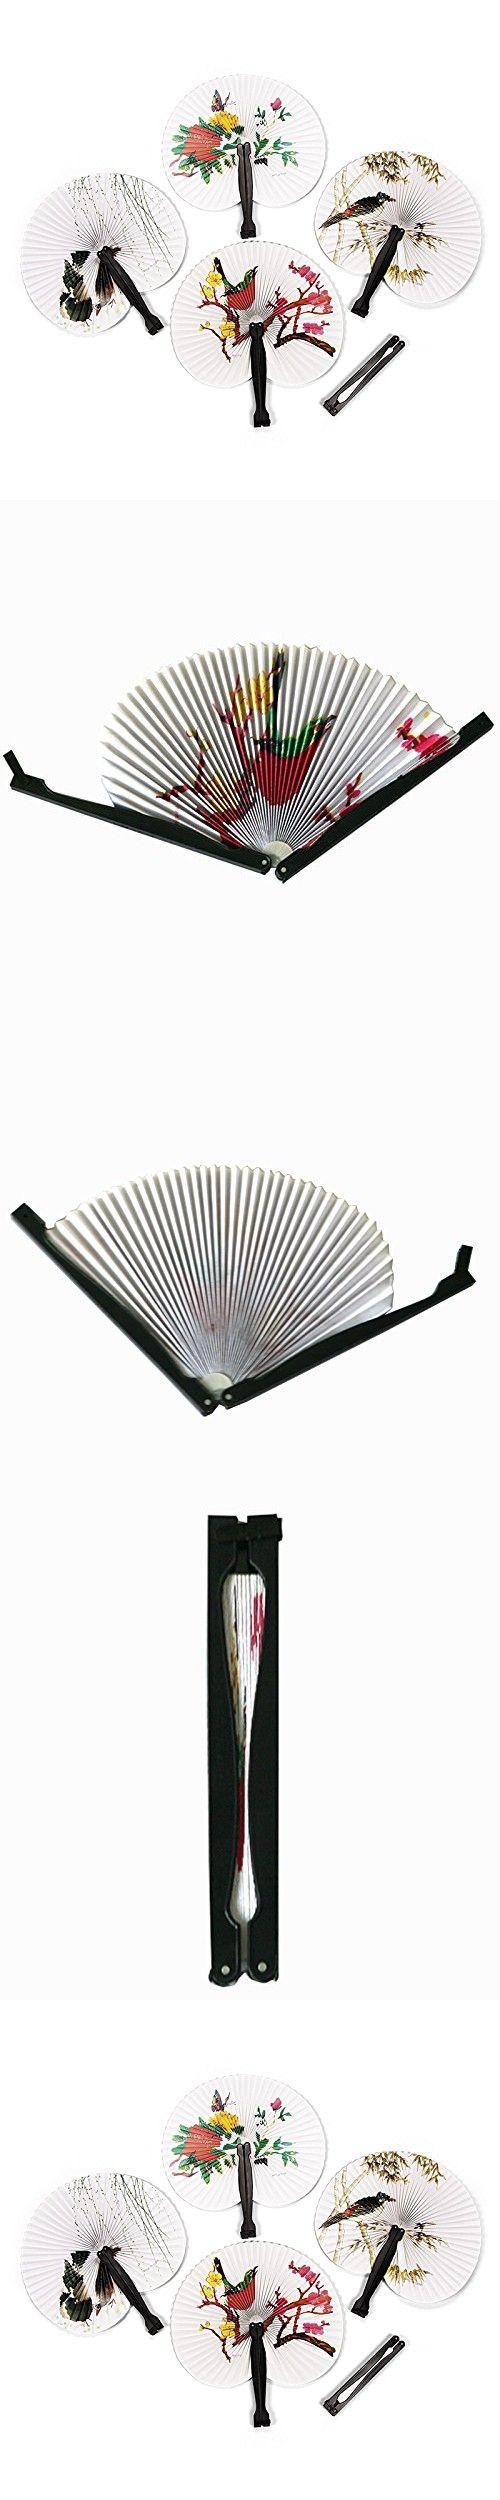 765 best Decorative Folding Fans images on Pinterest   Hand fans ...